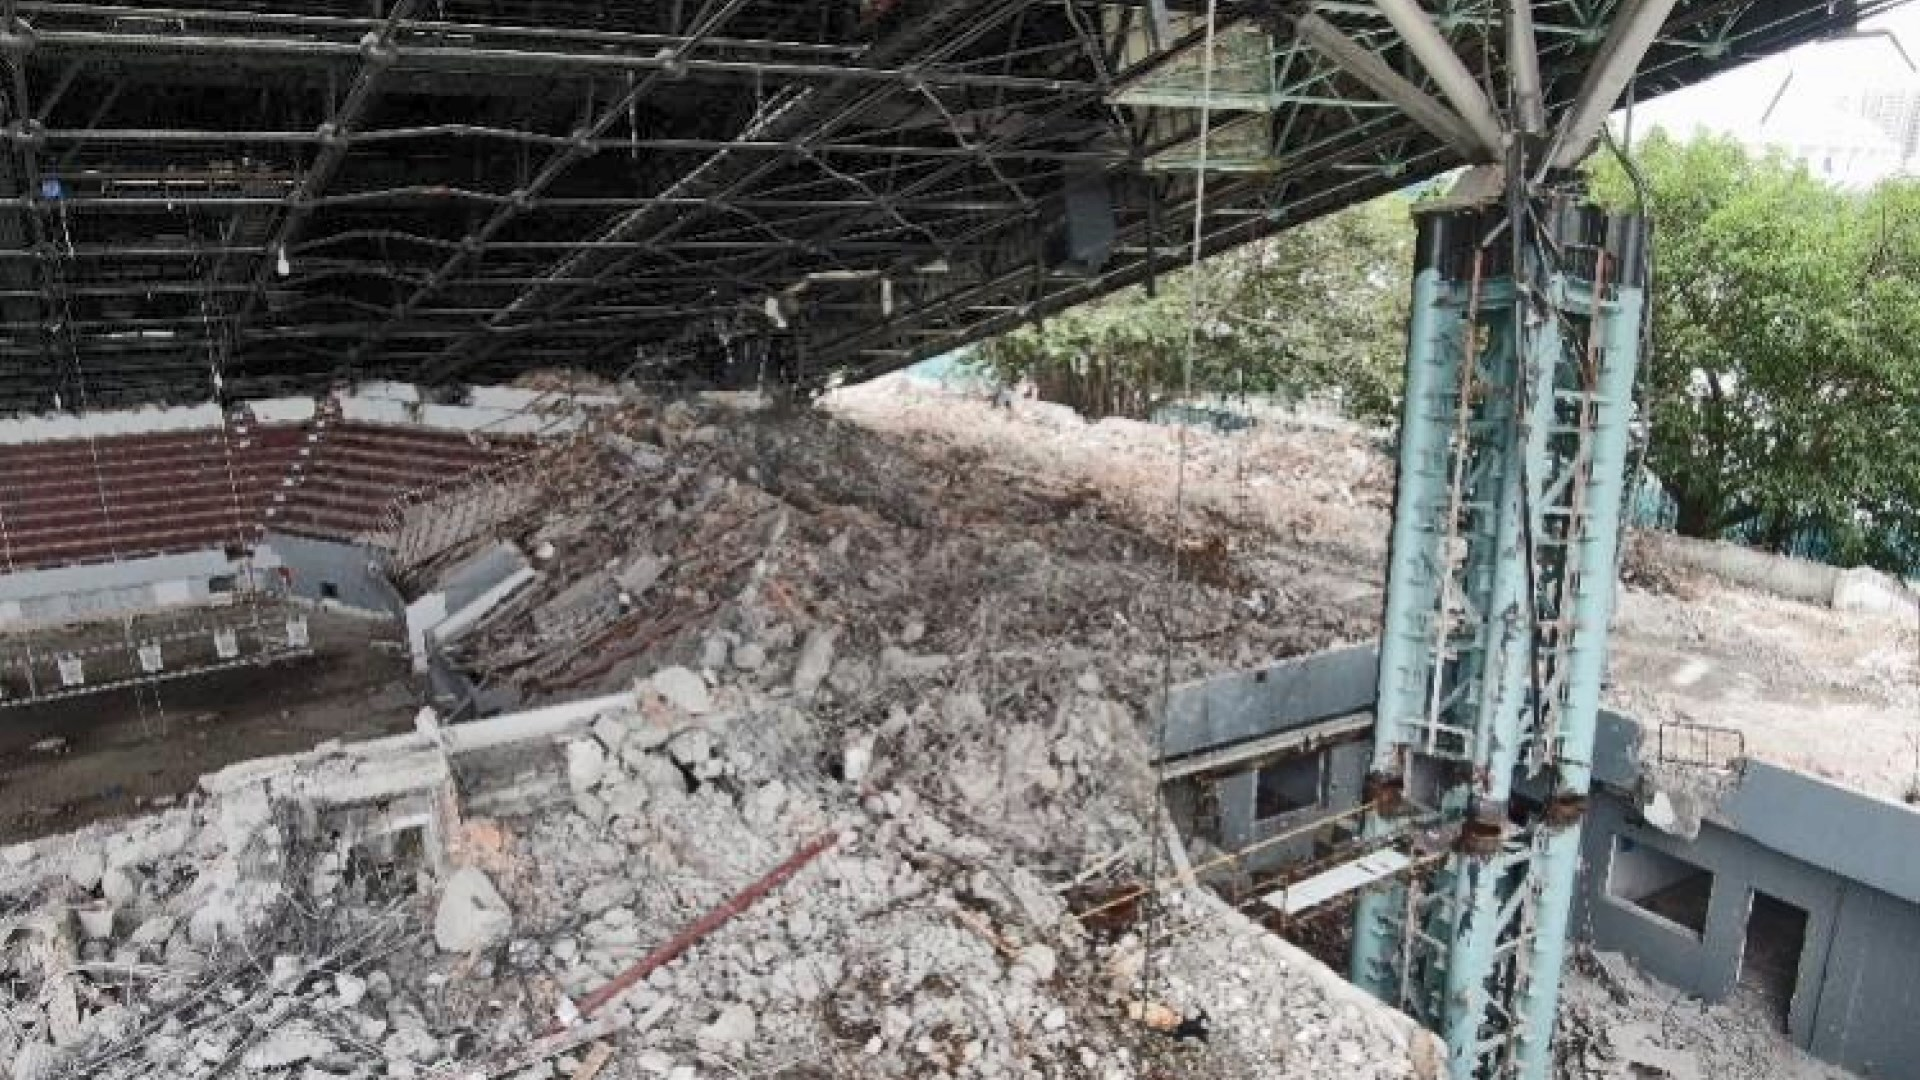 深圳體育館拆卸時倒塌三死五傷